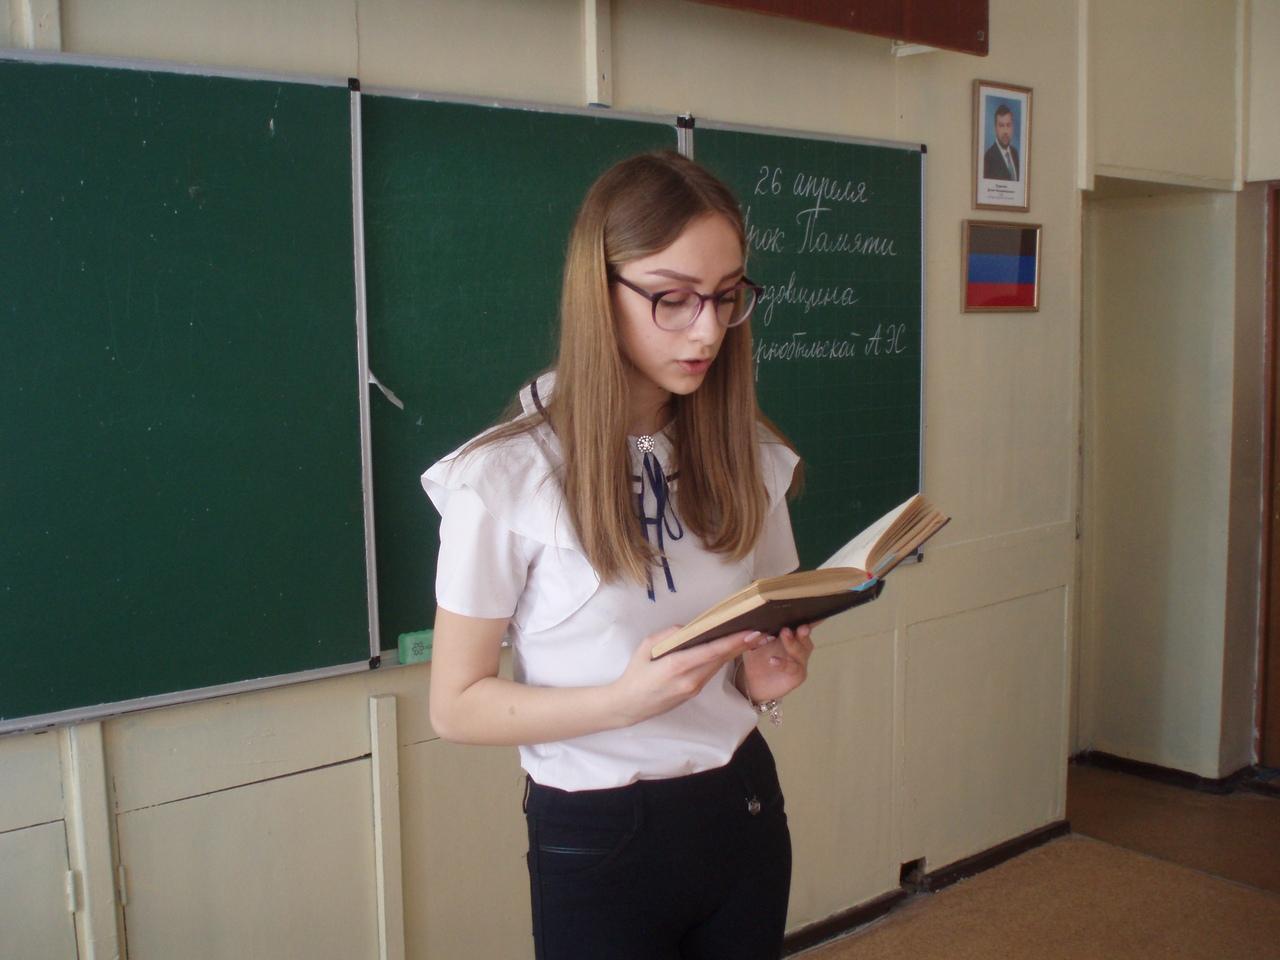 классика, шекспир, гете, детям о классической литературе, донецкая республиканская библиотека для детей, отдел обслуживания учащихся 5-9 классов